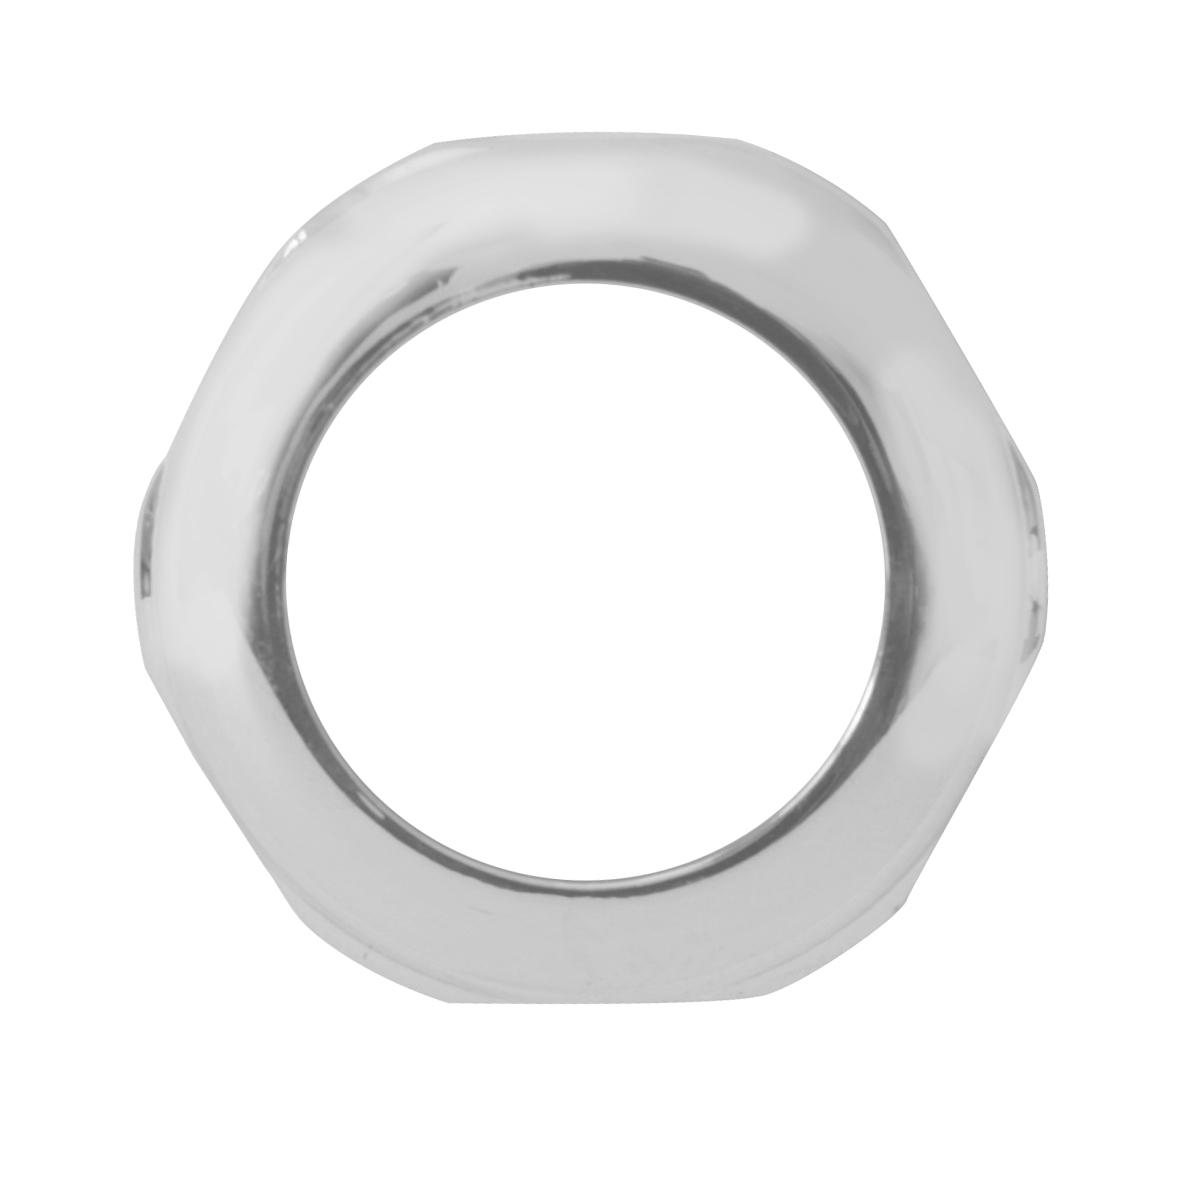 67100 Pete Chrome Steel Face Nut